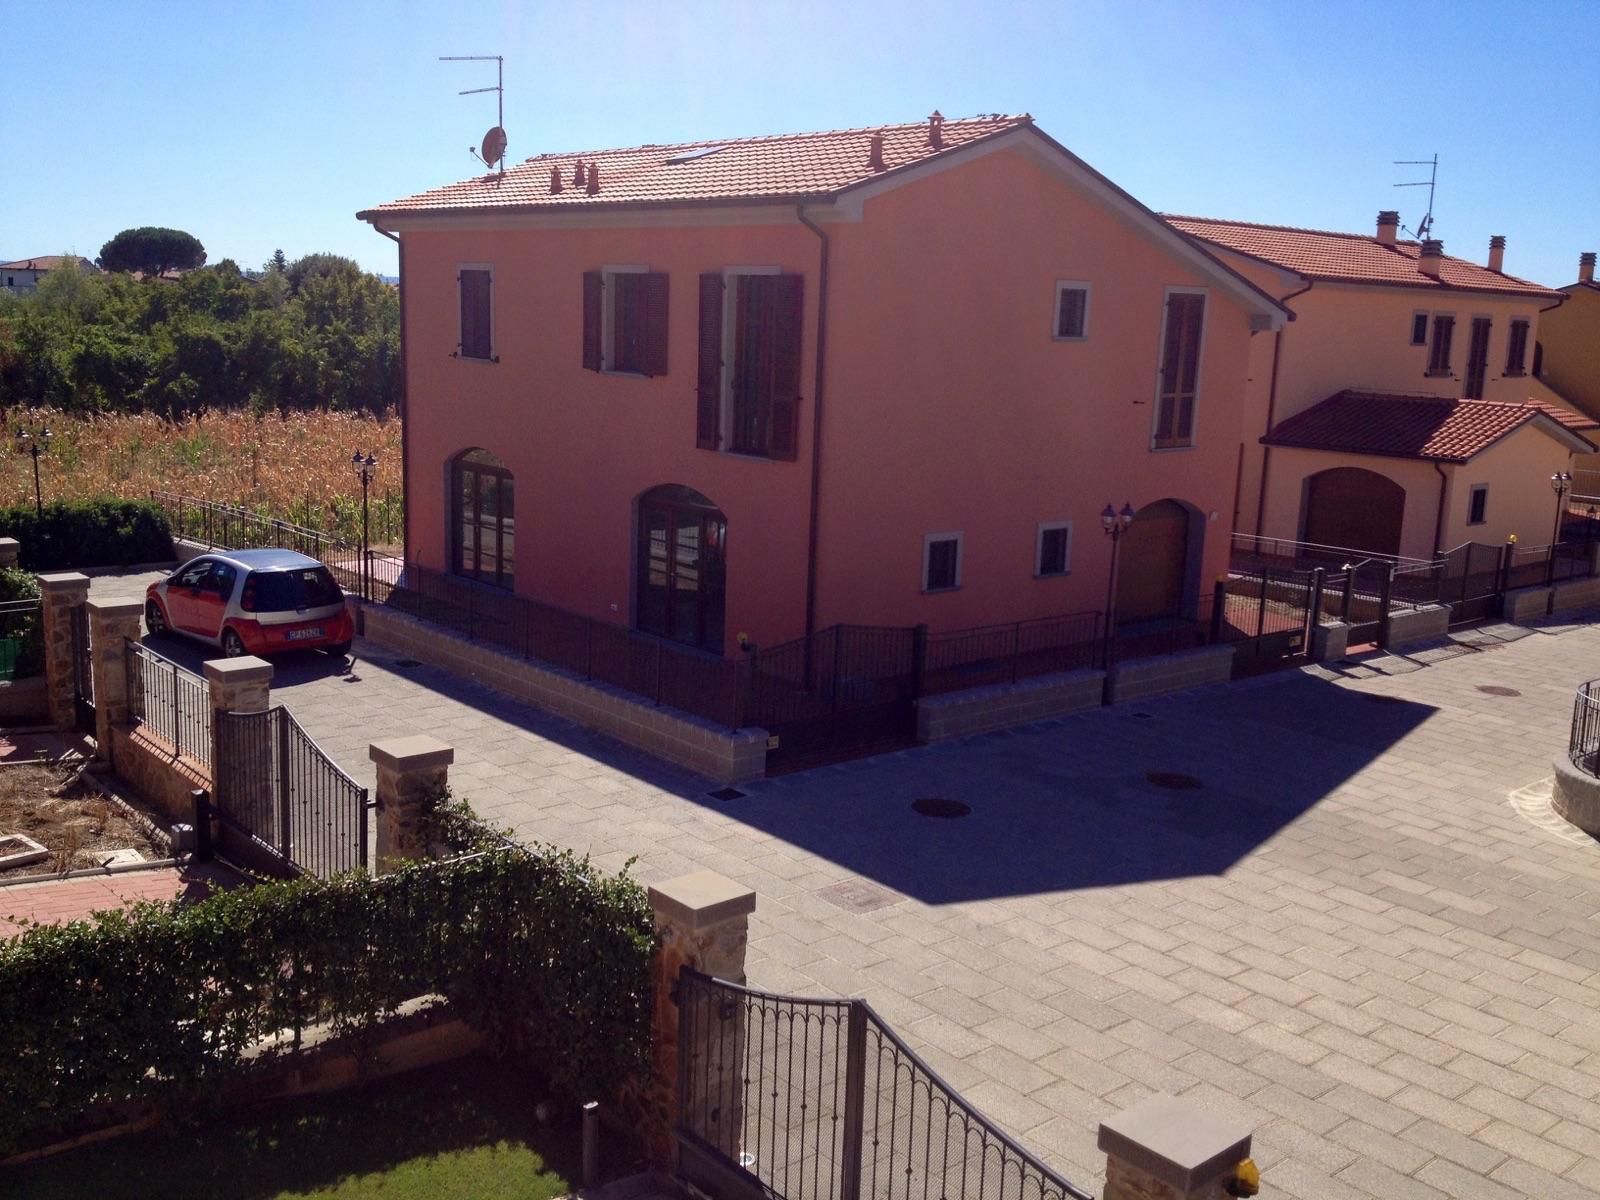 Villa in vendita a Castiglion Fiorentino, 11 locali, prezzo € 375.000 | CambioCasa.it